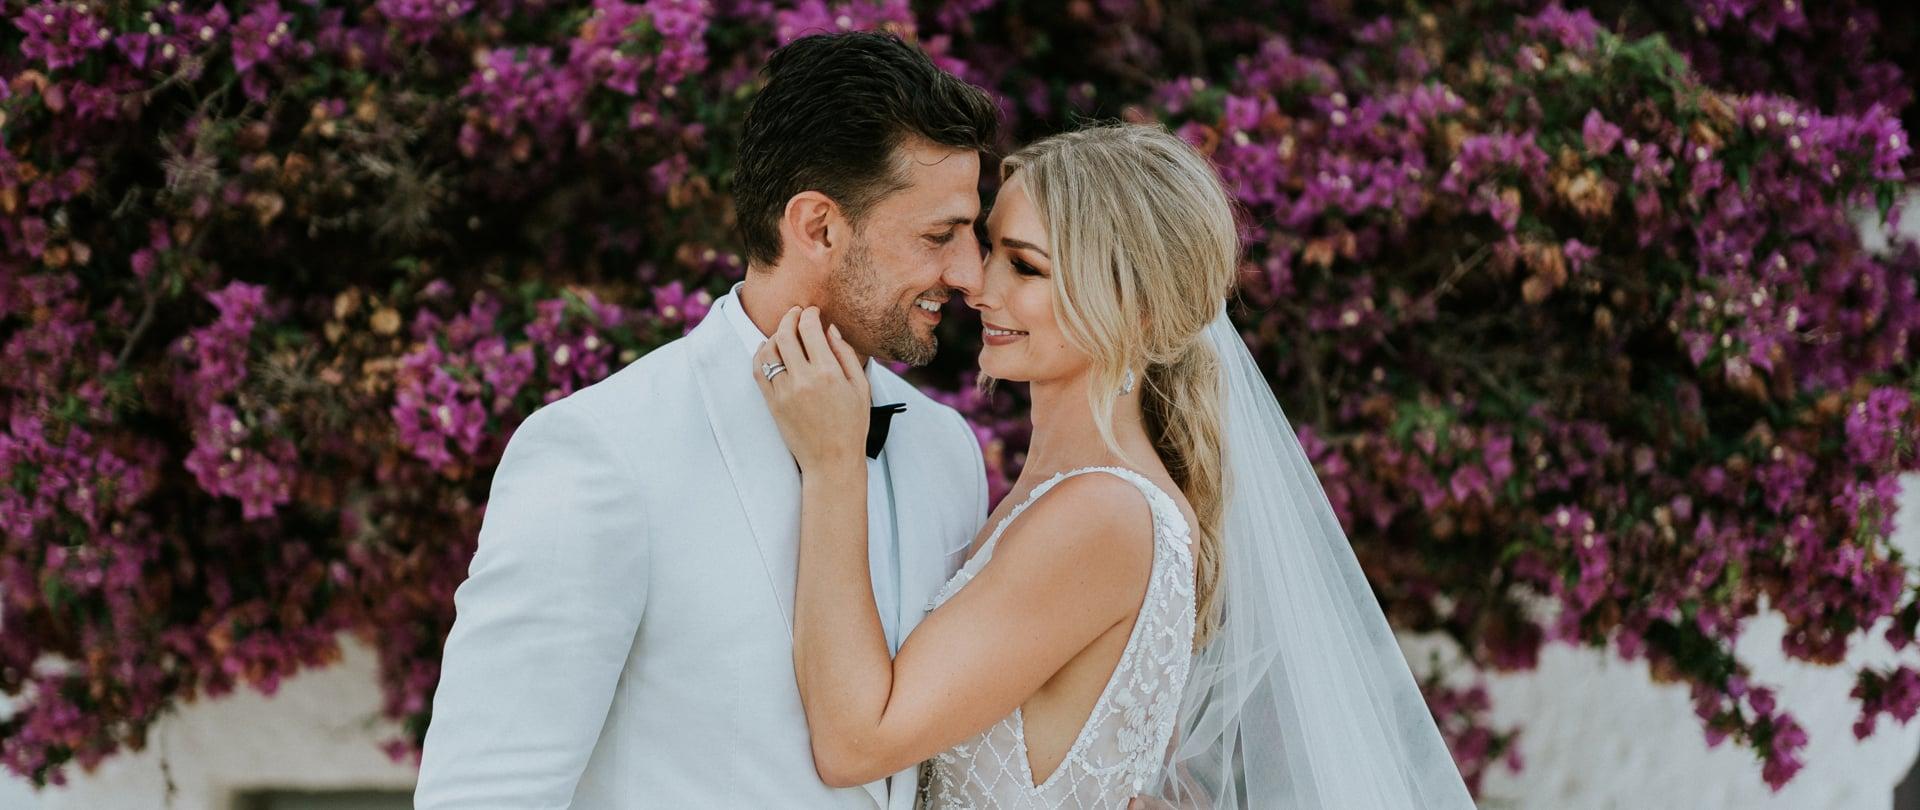 Anna & Tim Wedding Video Filmed at Puglia, Italy